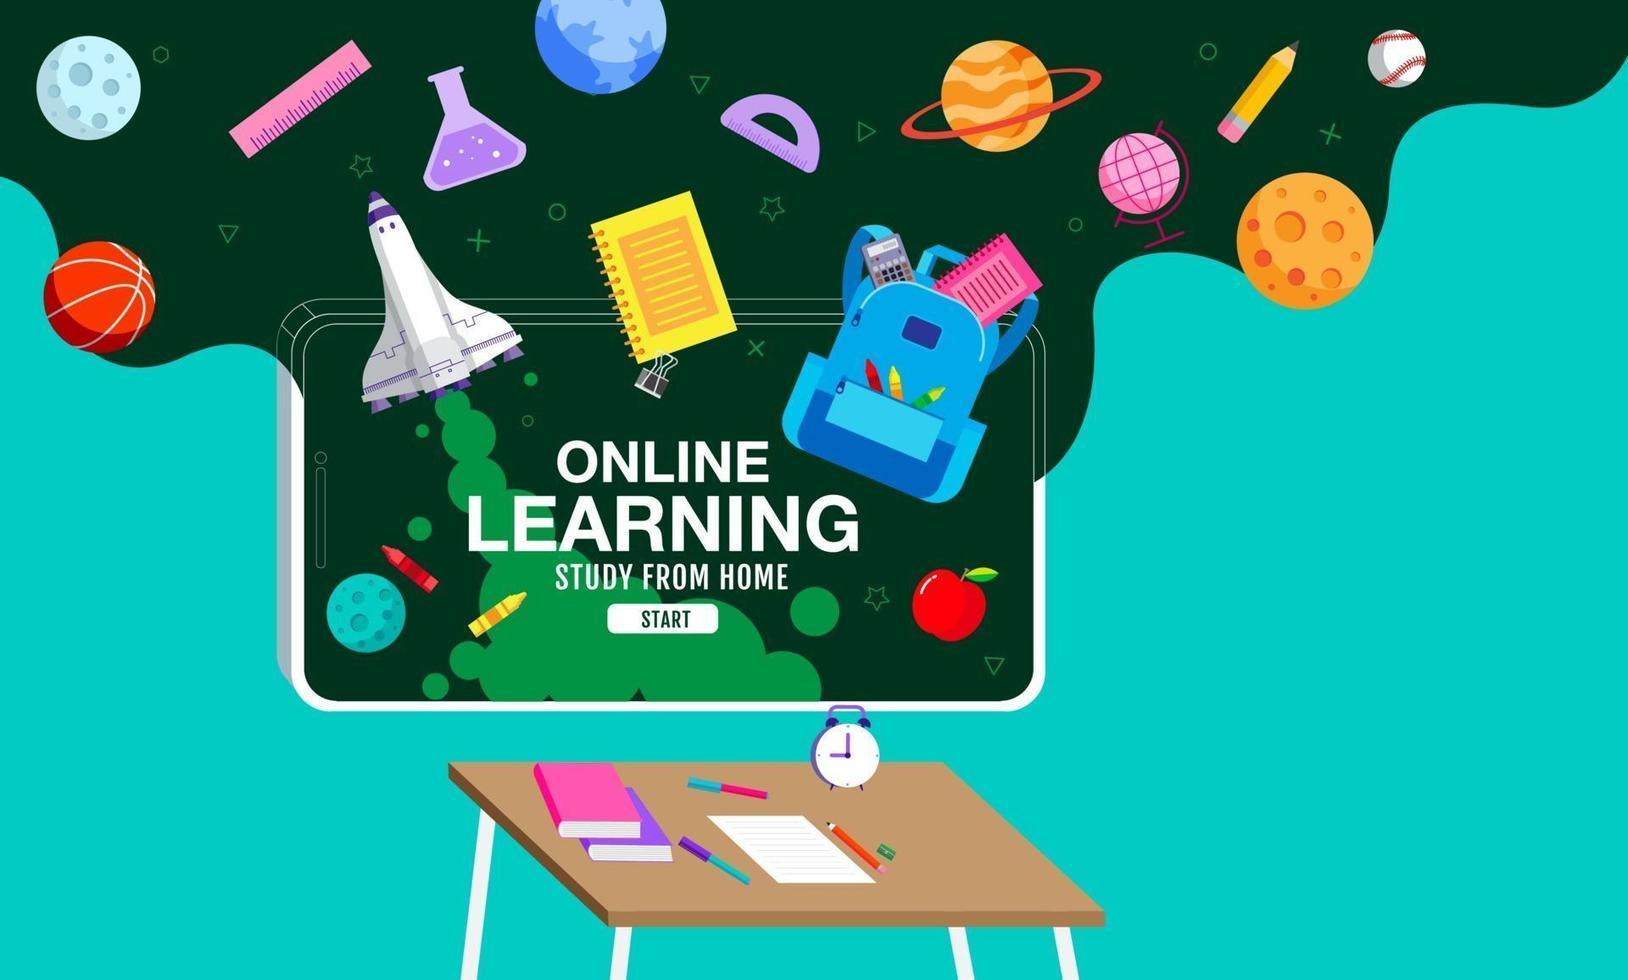 aprendizaje en línea, estudio desde casa, distanciamiento social, regreso a la escuela, vector de diseño plano.